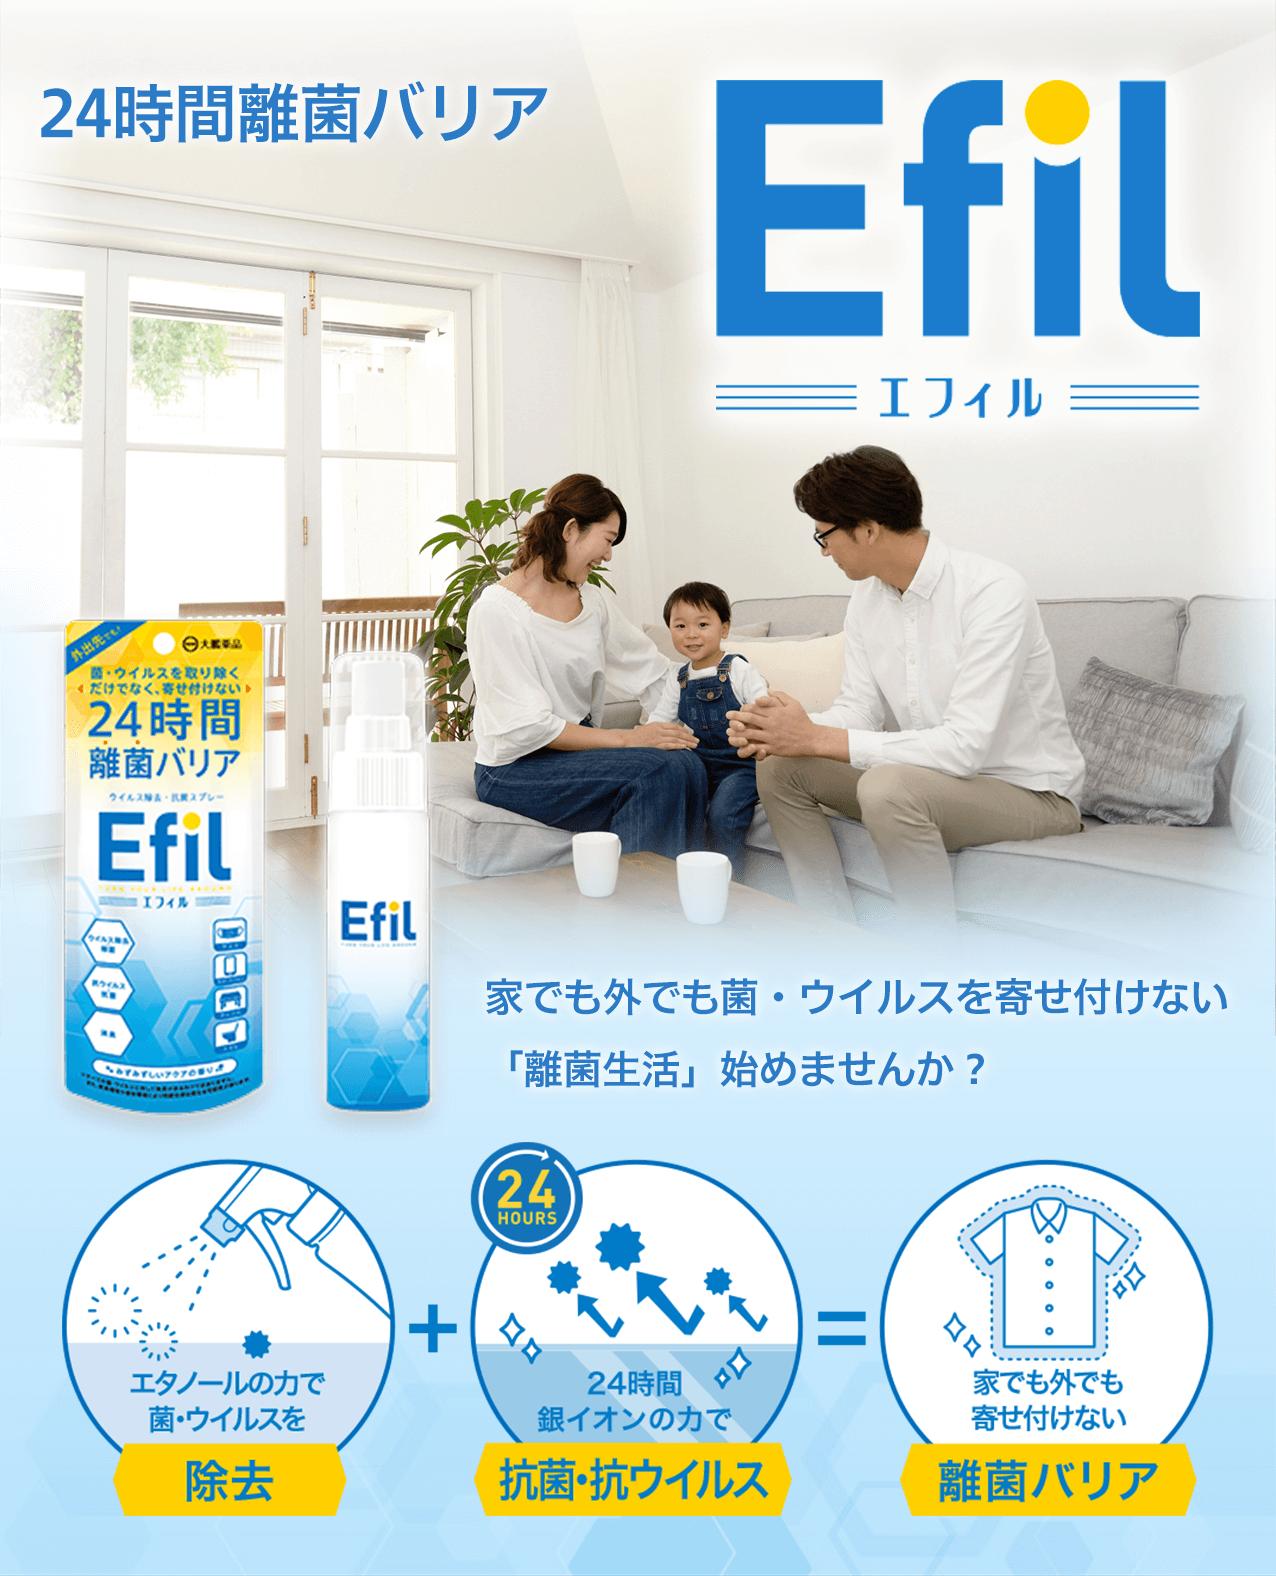 家でも外でも菌・ウイルスを寄せ付けない 「離菌生活」始めませんか? 24時間離菌バリア Efil